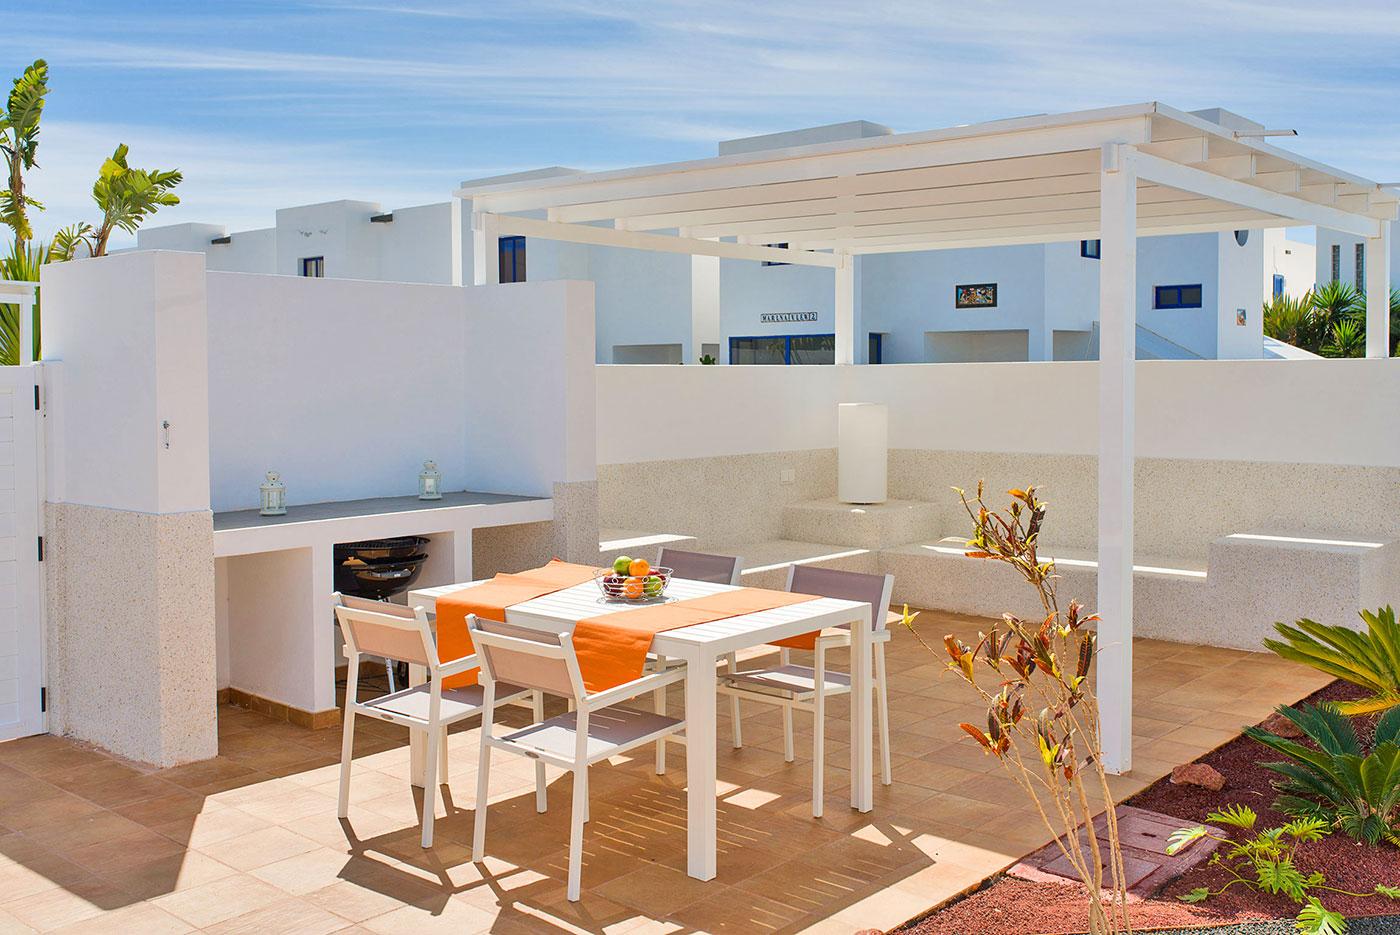 villa-barque-playa-blanca-weber-barbecue